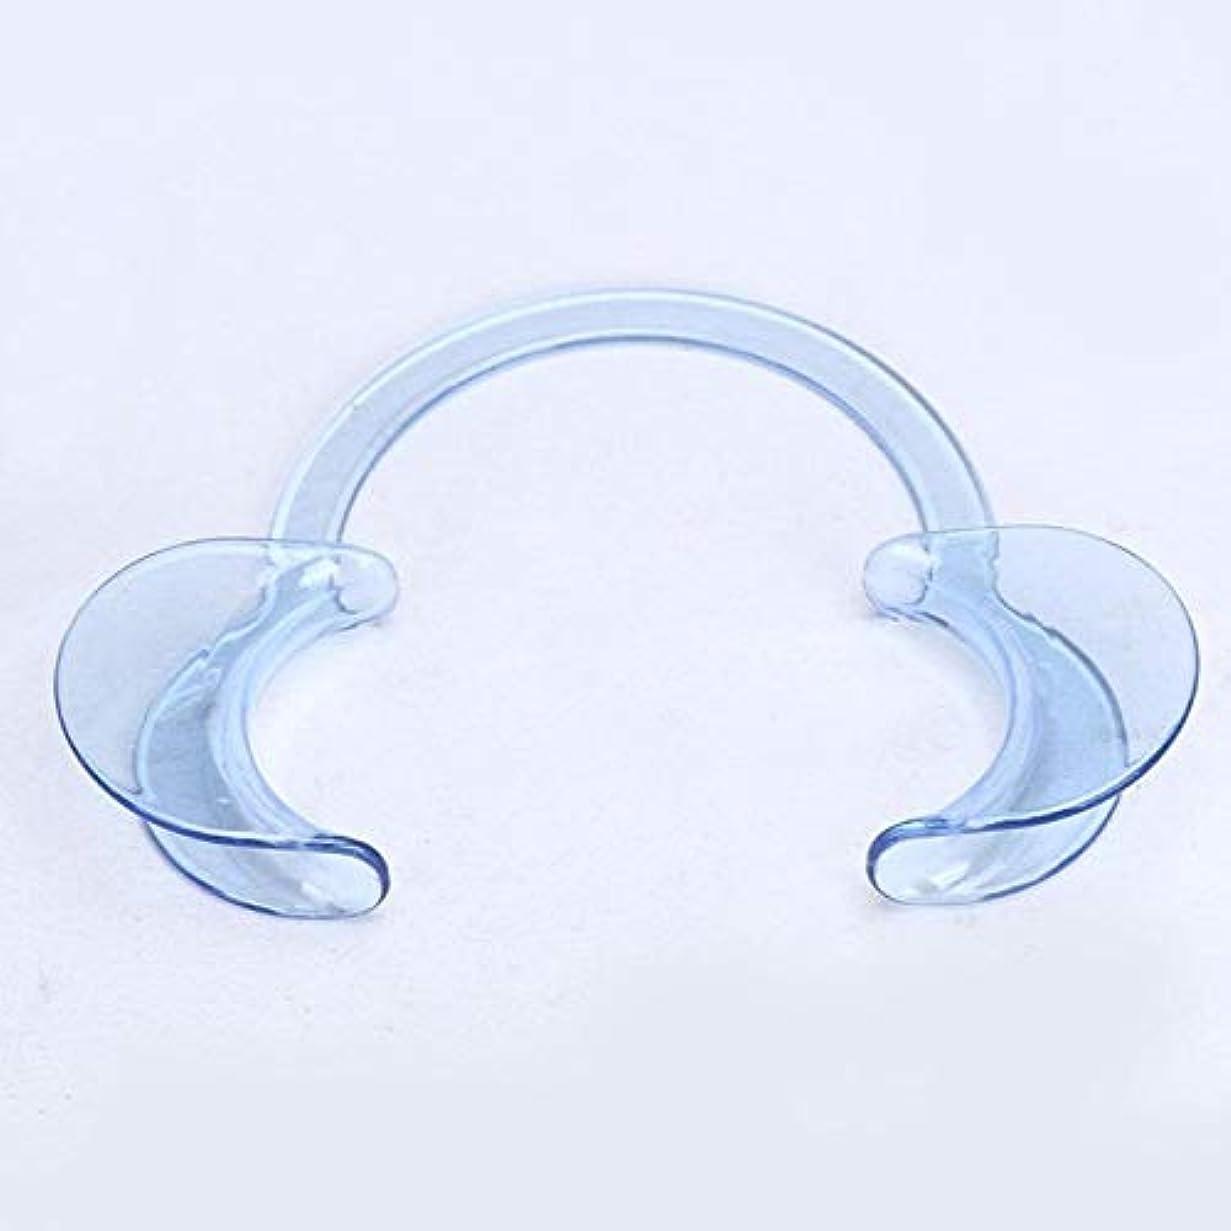 ジェット時代遅れドットDC パック 歯科 C型 開口器 口オープナー マウスオープナー 開口マウスオープナー C型ホワイトニング口の開創器